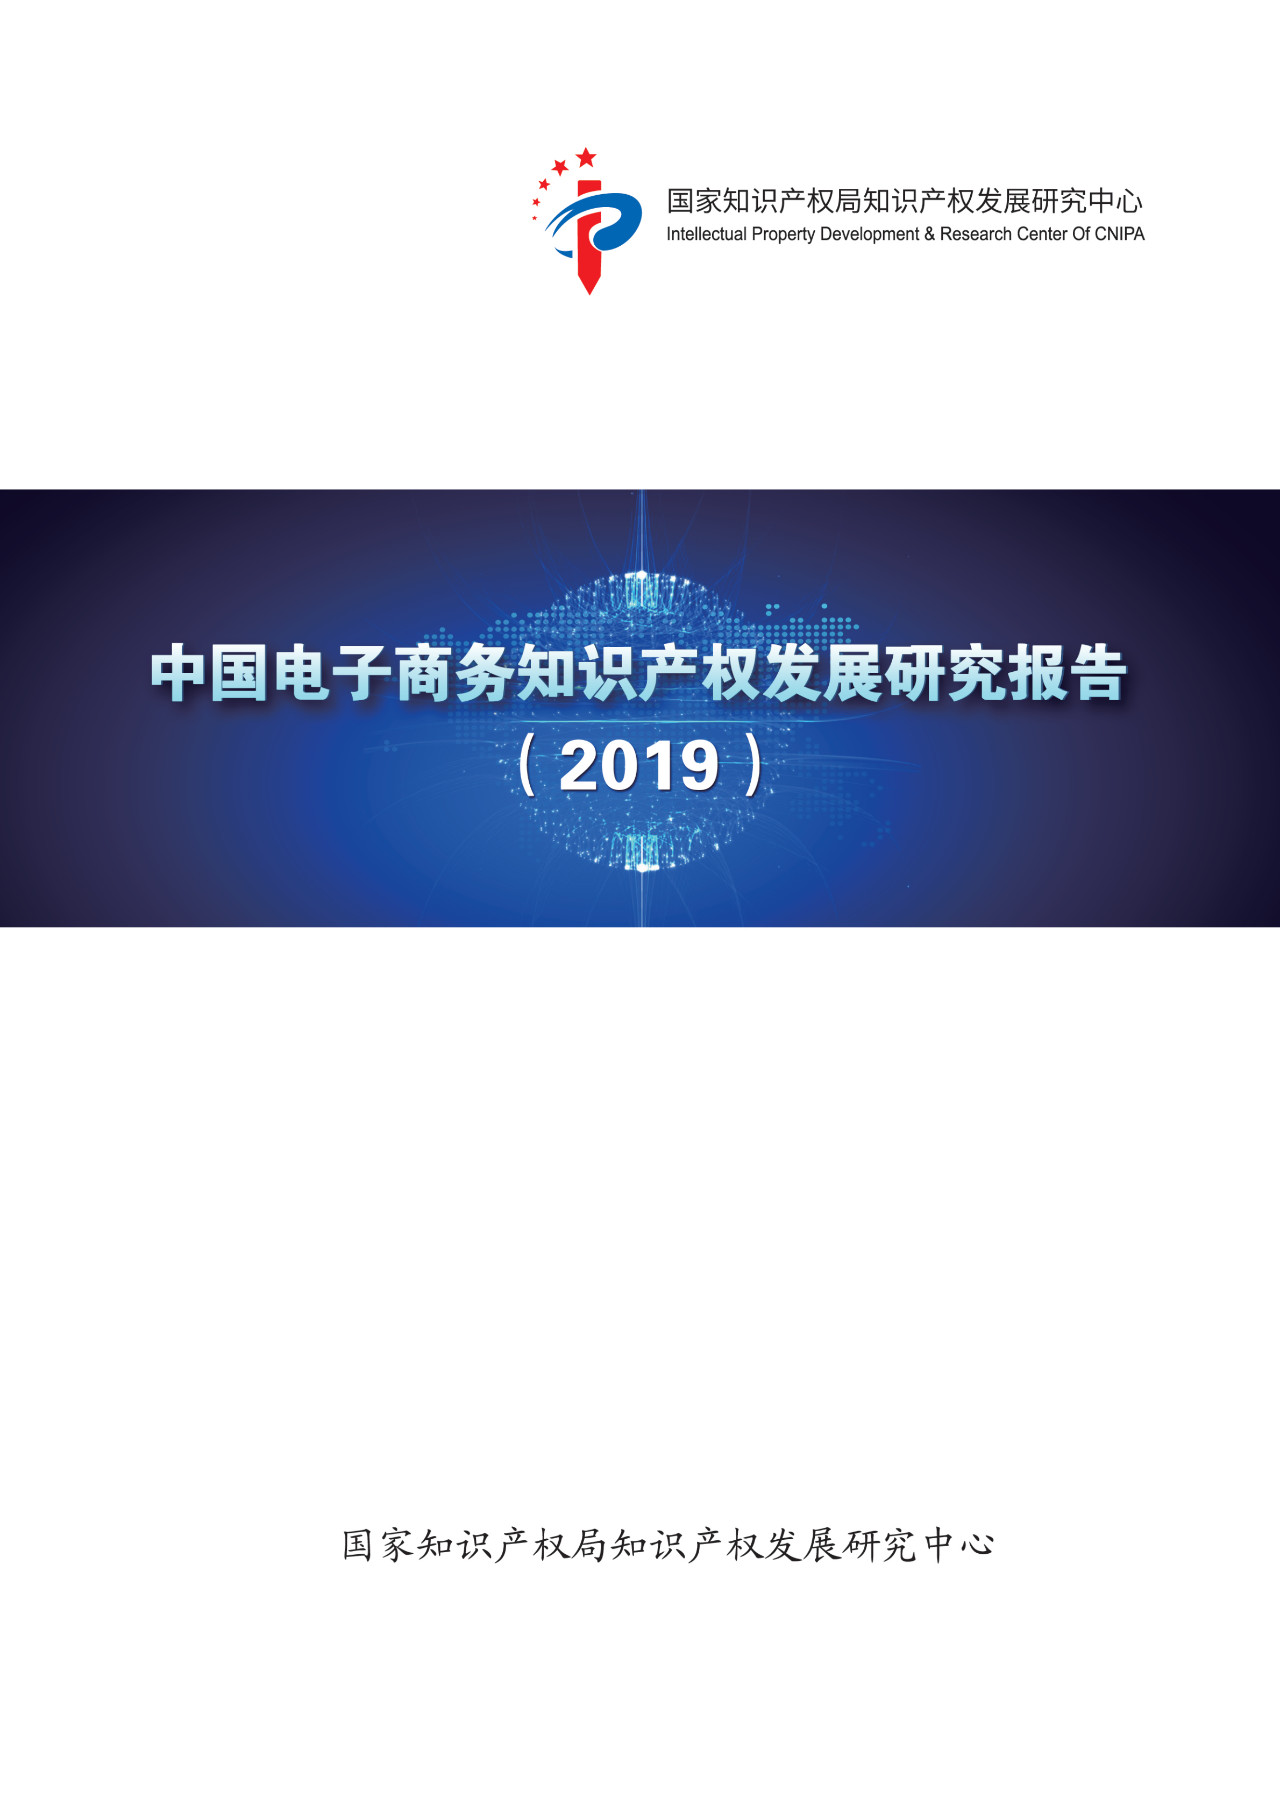 """国知局发布""""中国电子商务知识产权发展研究报告""""(附全文)"""